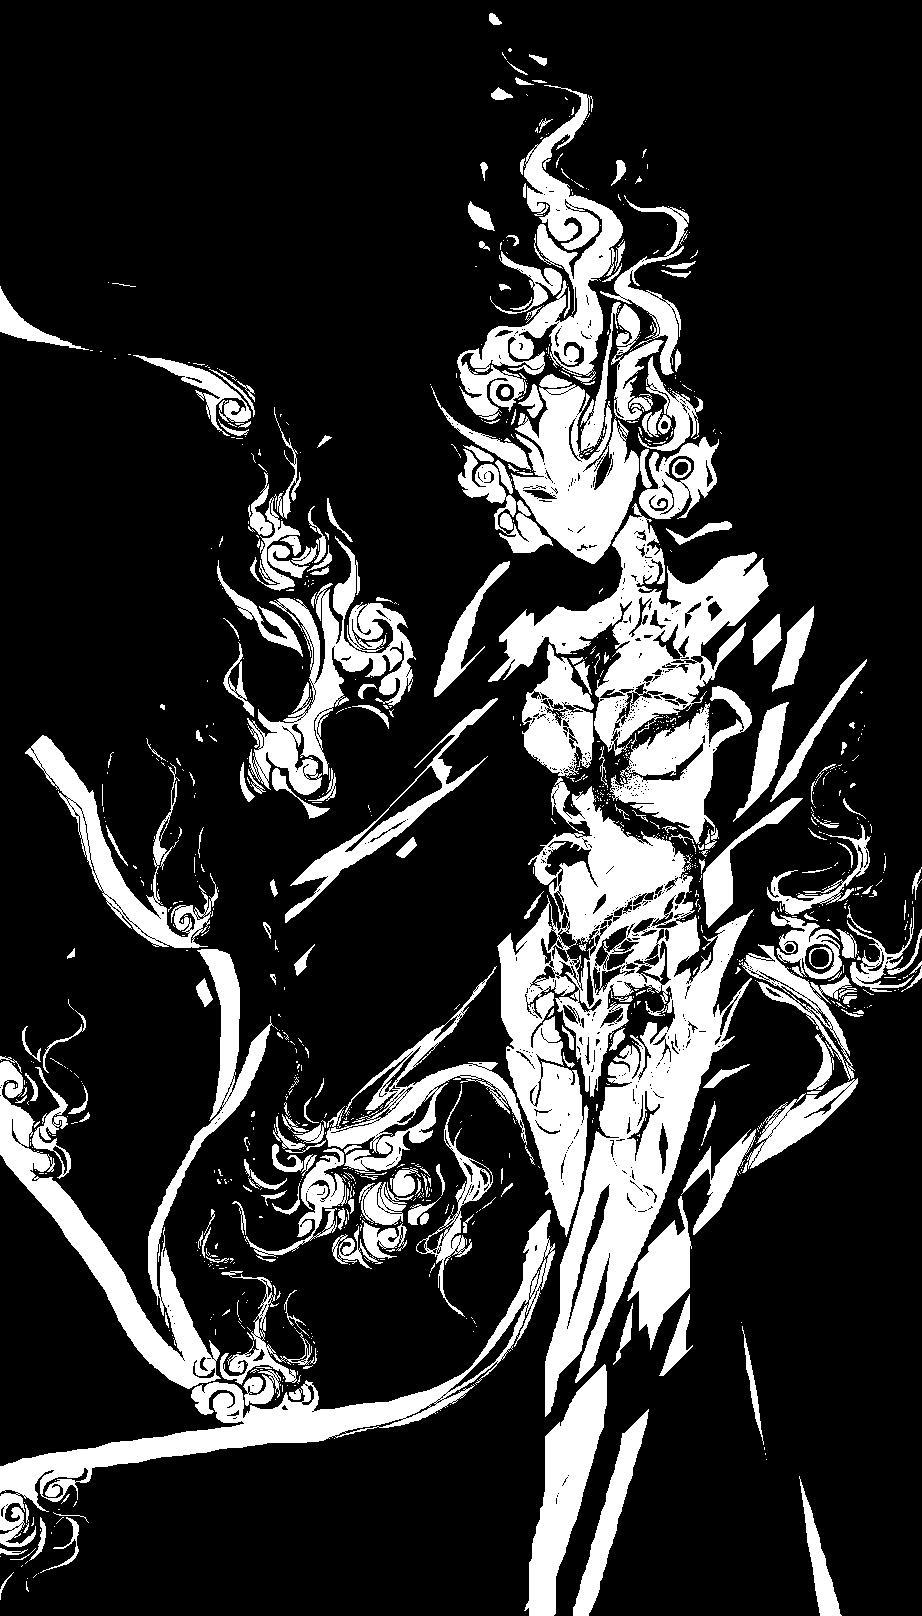 黑白系像素画